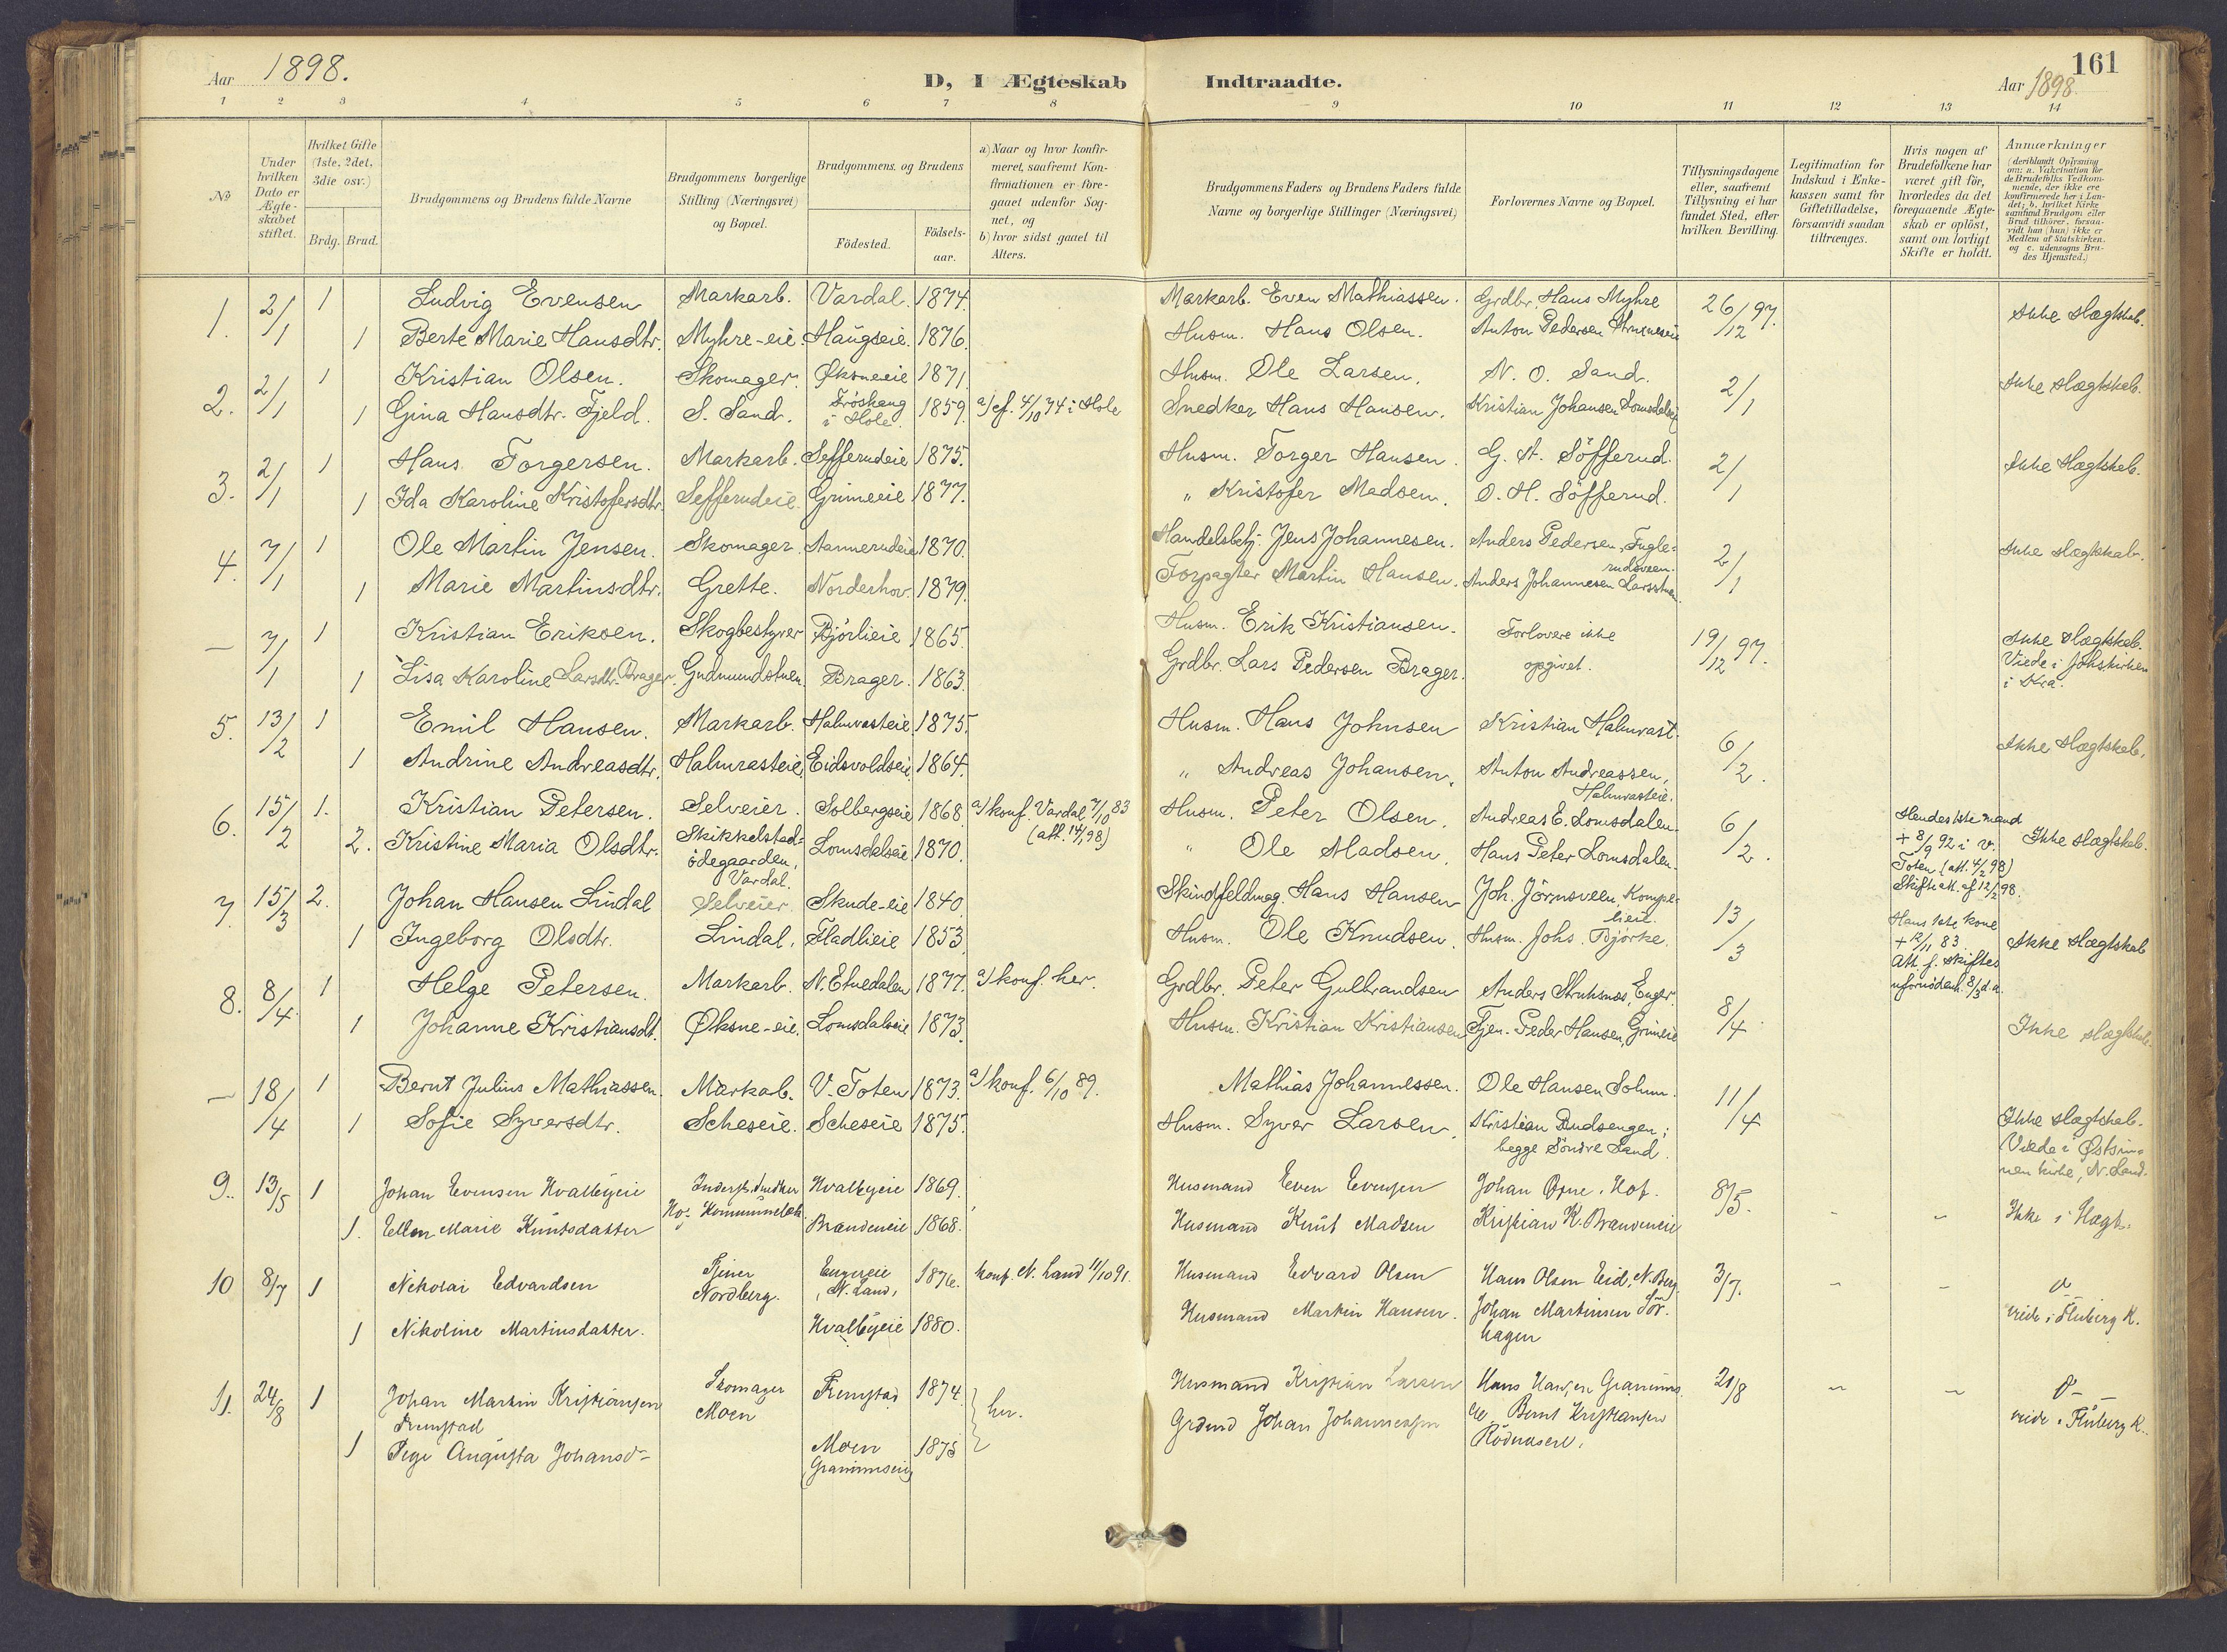 SAH, Søndre Land prestekontor, K/L0006: Ministerialbok nr. 6, 1895-1904, s. 161